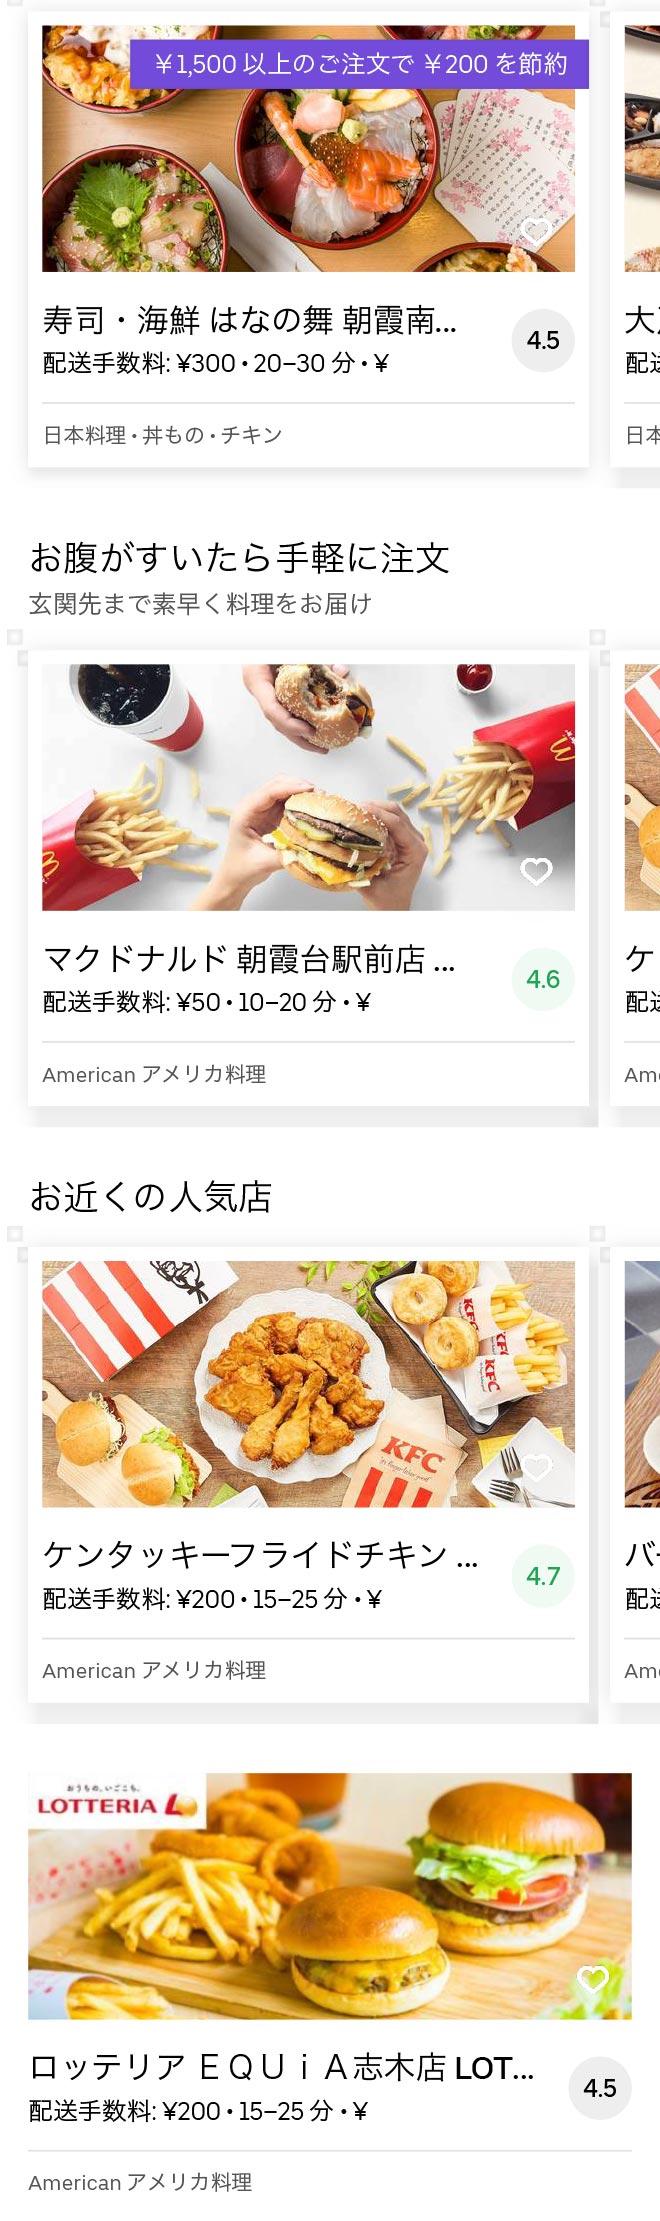 Saitama asaka menu 2004 01